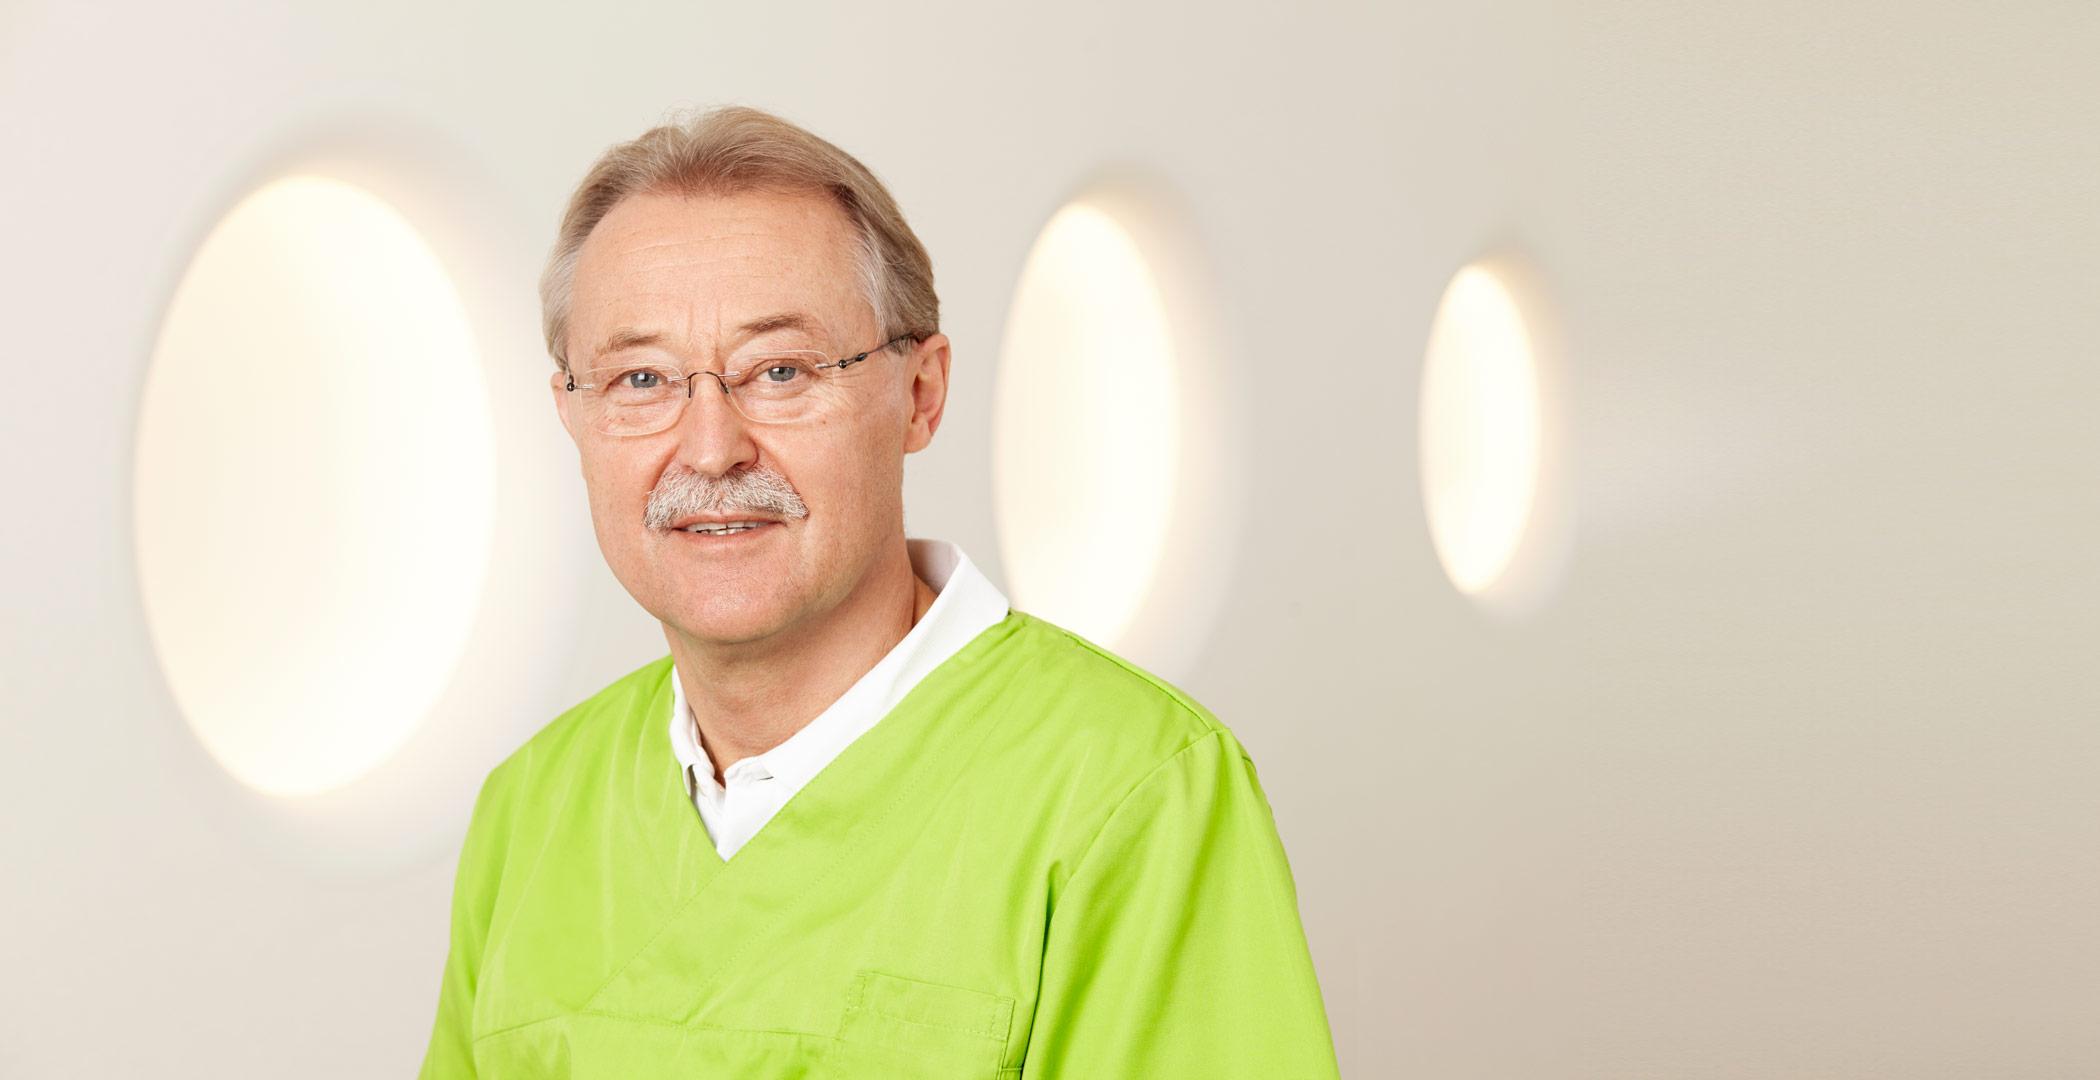 zahnaerzte-andernach-dr-klaus-peplow